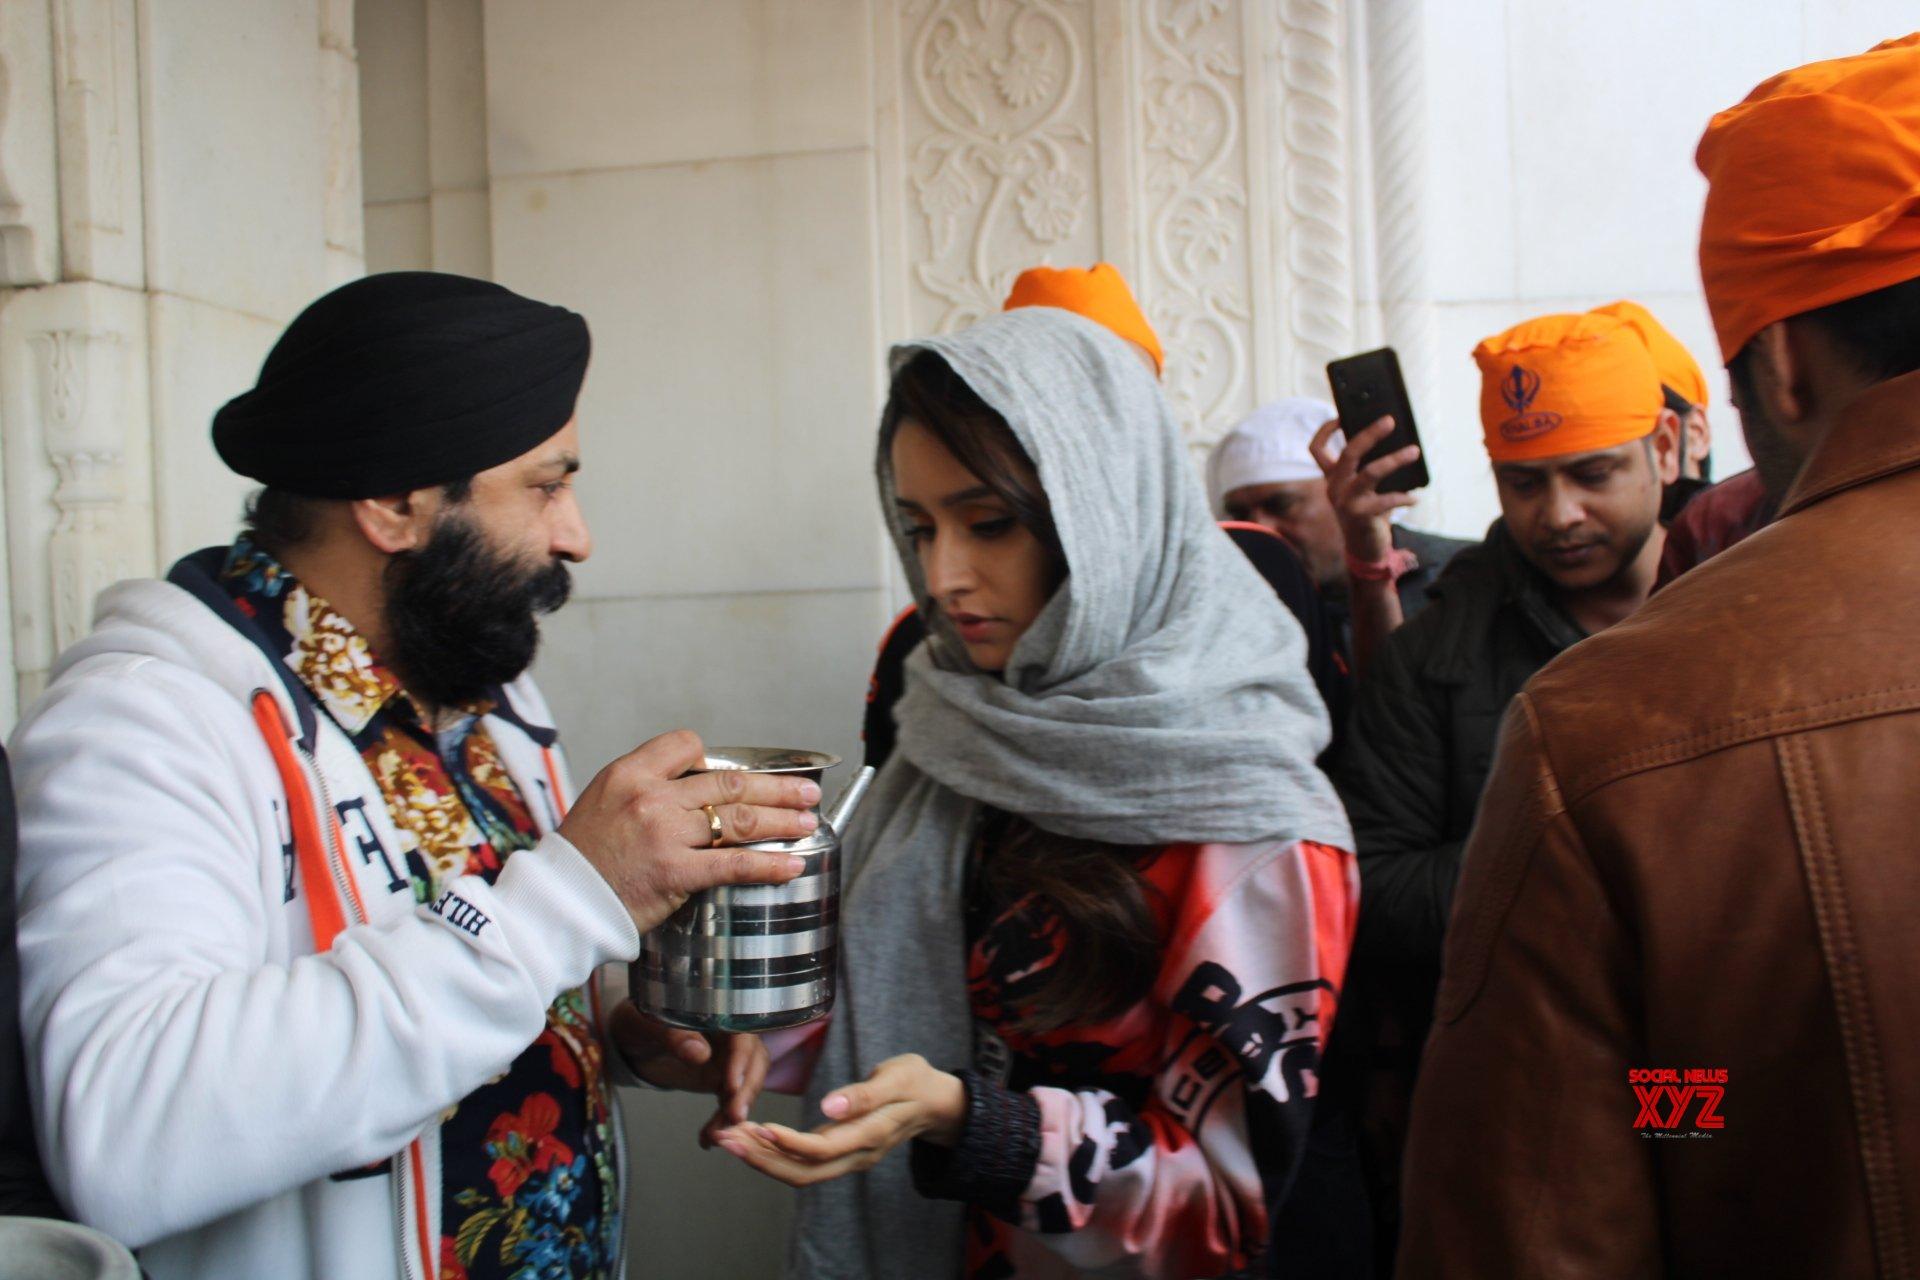 New Delhi: Varun Dhawan, Shraddha Kapoor visit Bangla Sahib Gurudwara #Gallery